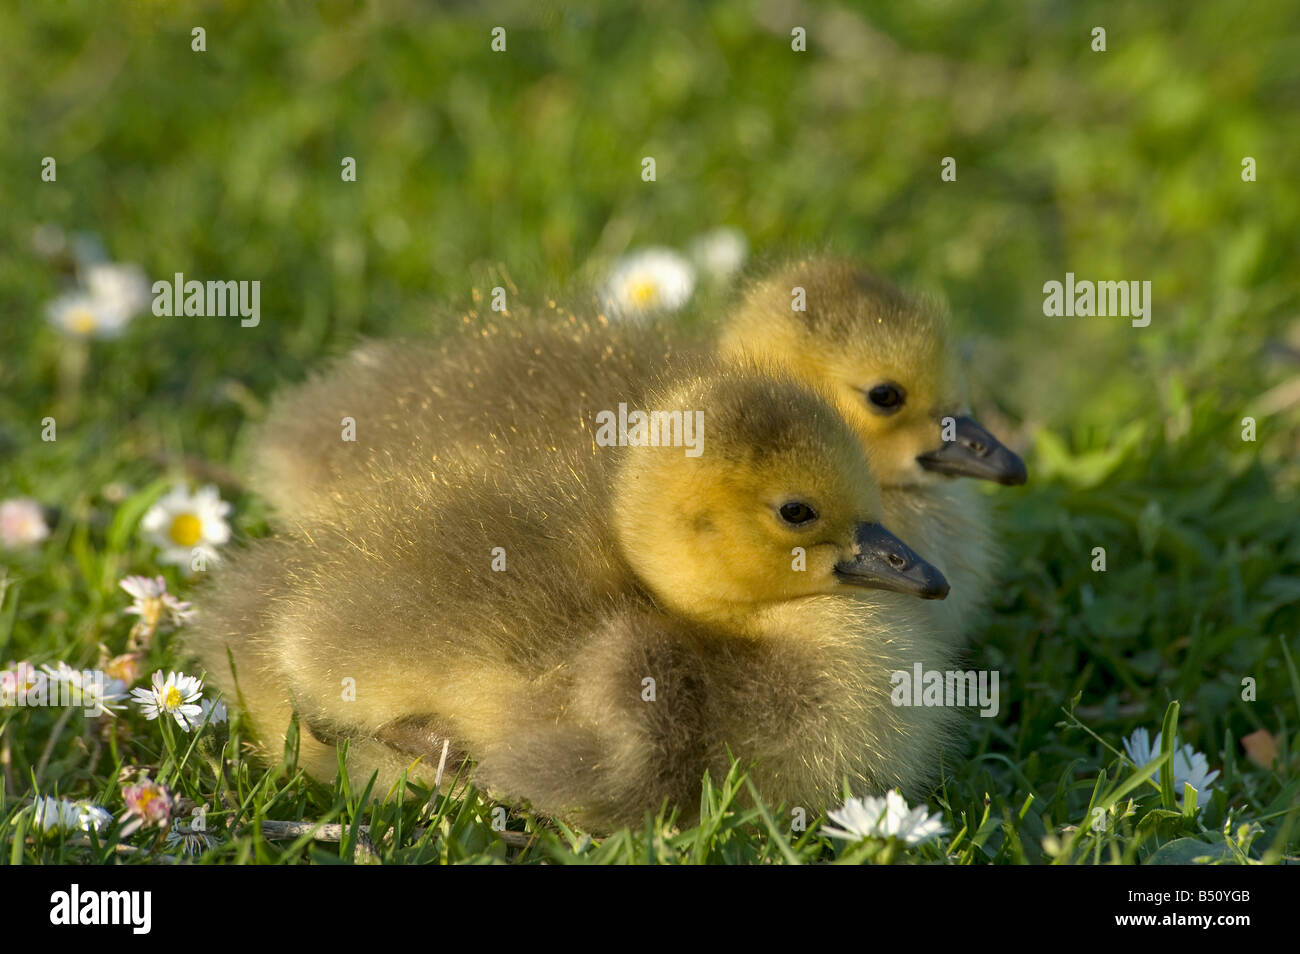 Deux oisons bernache du Canada (Branta canadensis) s'asseoir sur la pelouse à la fin de la journée Photo Stock